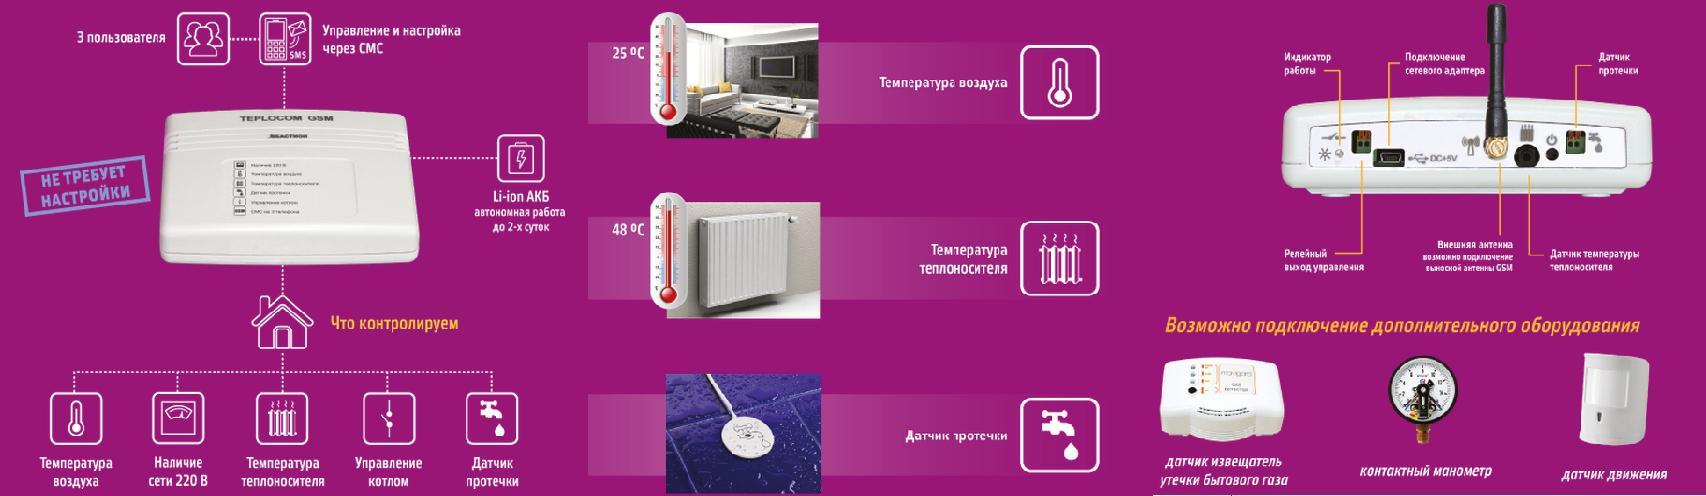 Комплектация Теплоинформатора для управления отоплением и защиты от протекания воды